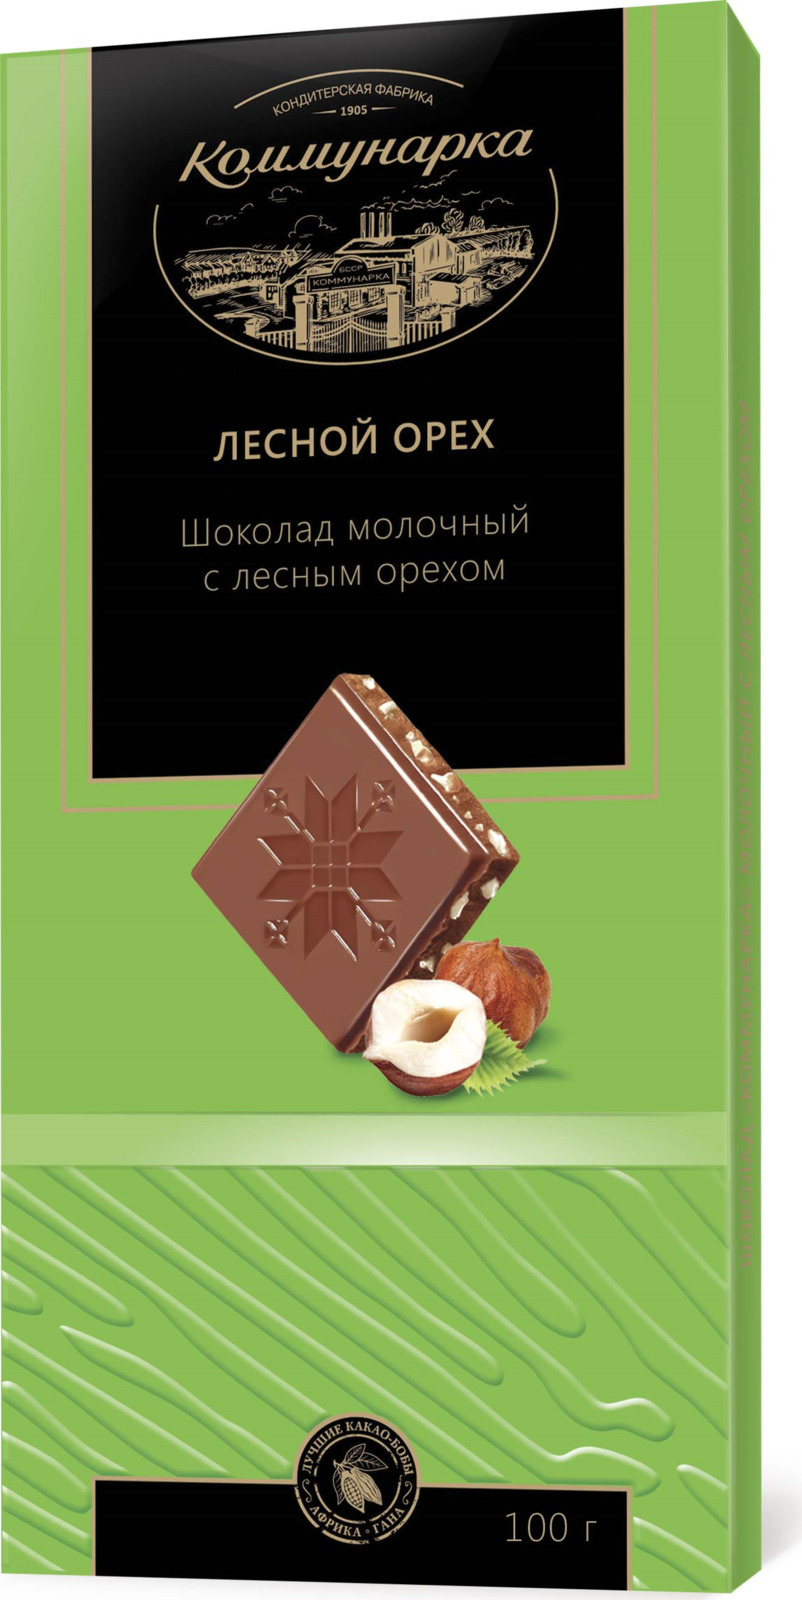 Коммунарка шоколад молочный, с лесным орехом, 100 г коммунарка шоколад молочный с кокосовой нугой 85 г